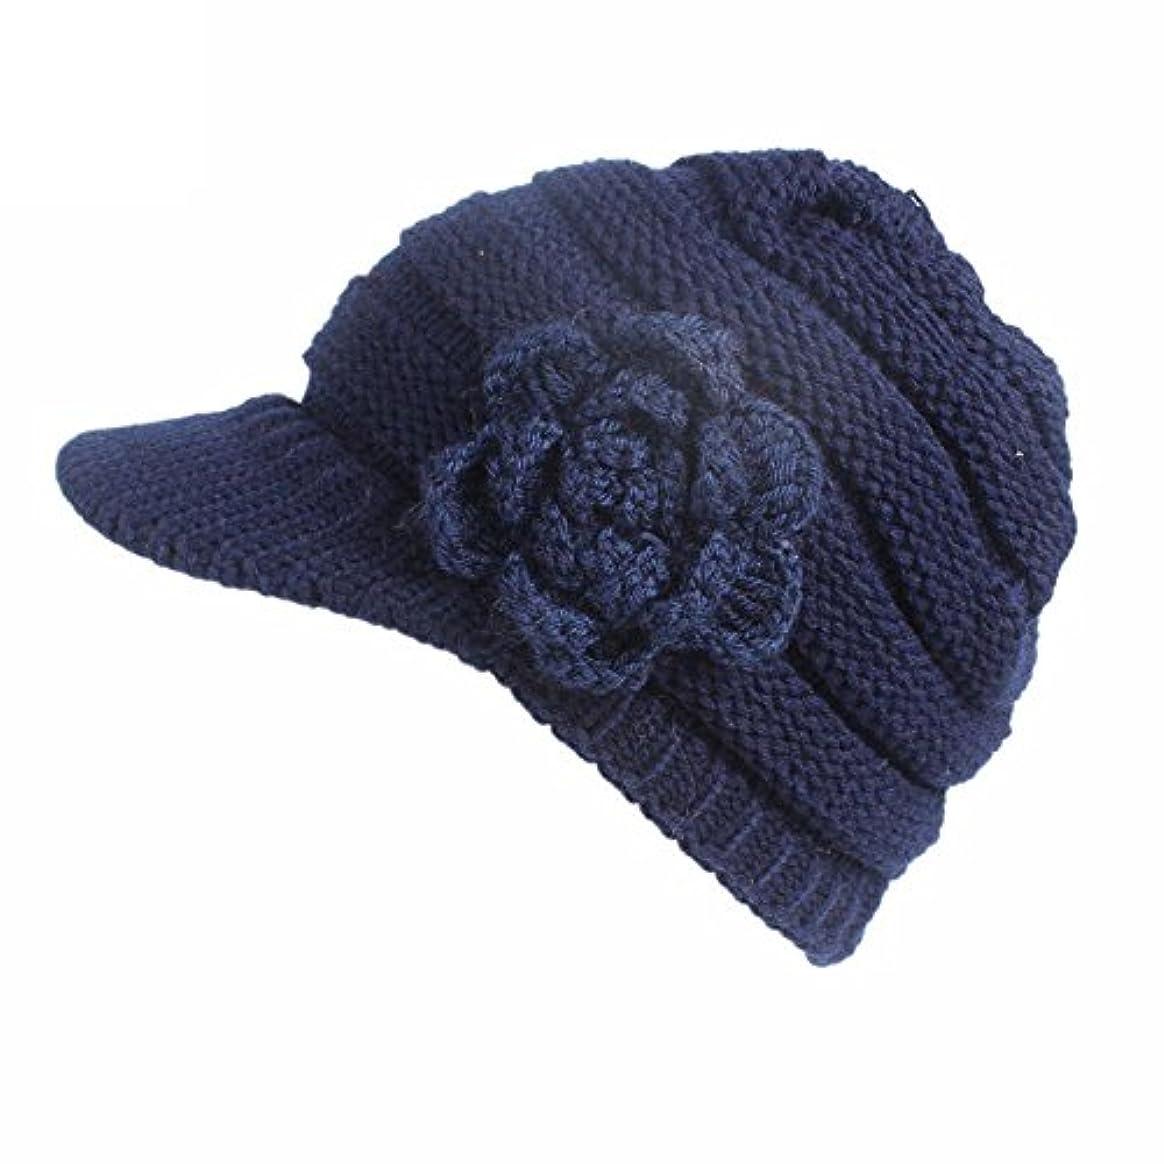 せがむ定期的な運命的なRacazing 選べる5色 編み物 花 鸭舌帽 ニット帽 防寒対策 通気性のある 防風 暖かい 軽量 屋外 スキー 自転車 クリスマス Hat 女性用 (ネービー)